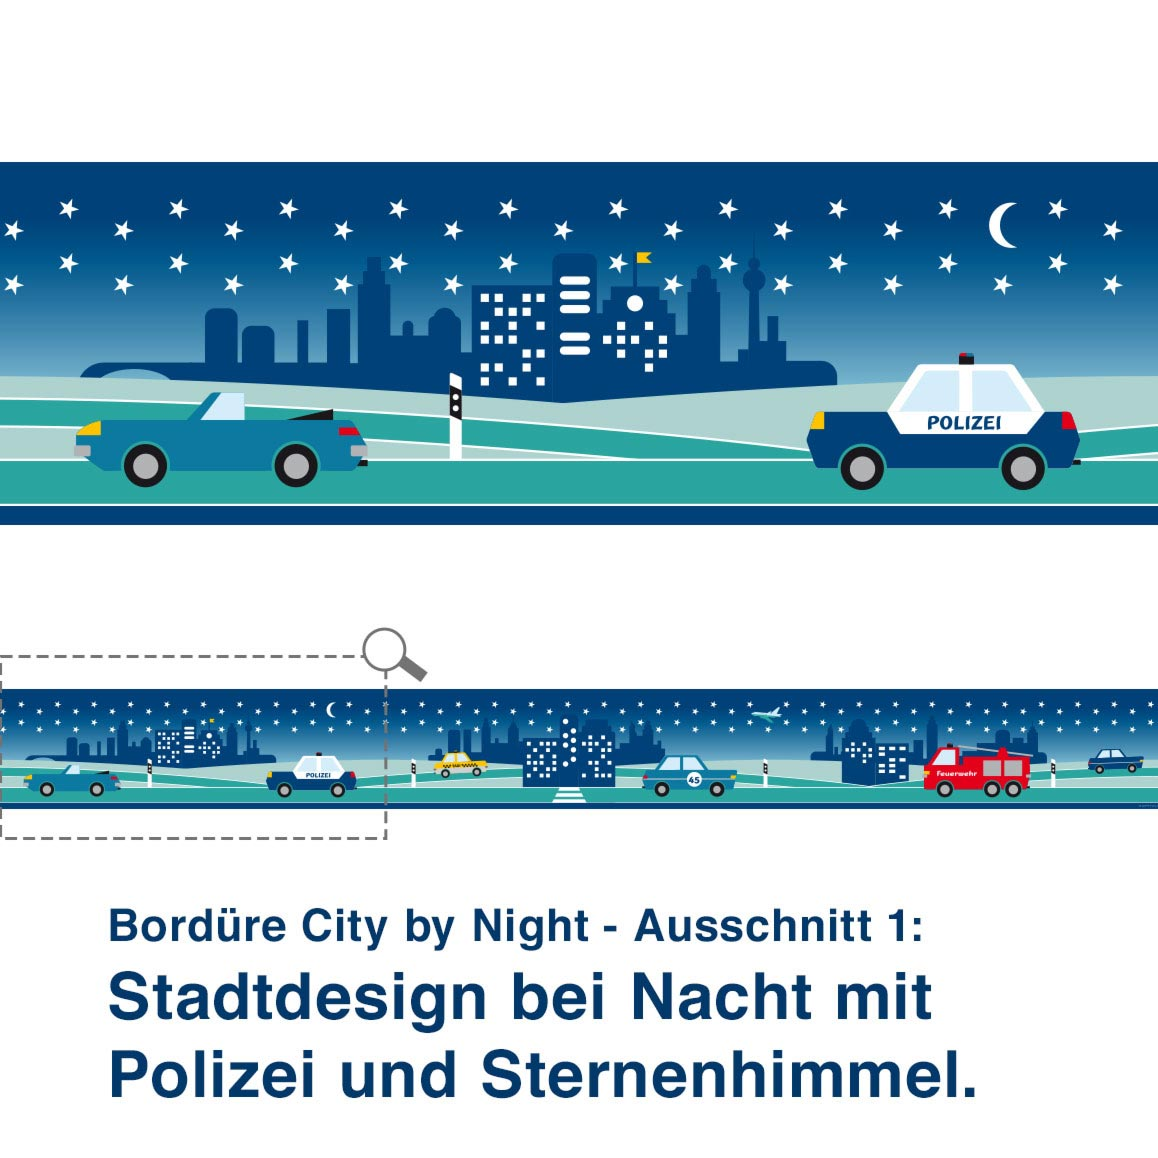 Bordüre City by Night - Ausschnitt 1:   Stadtdesign bei Nacht mit Polizei und Sternenhimmel.